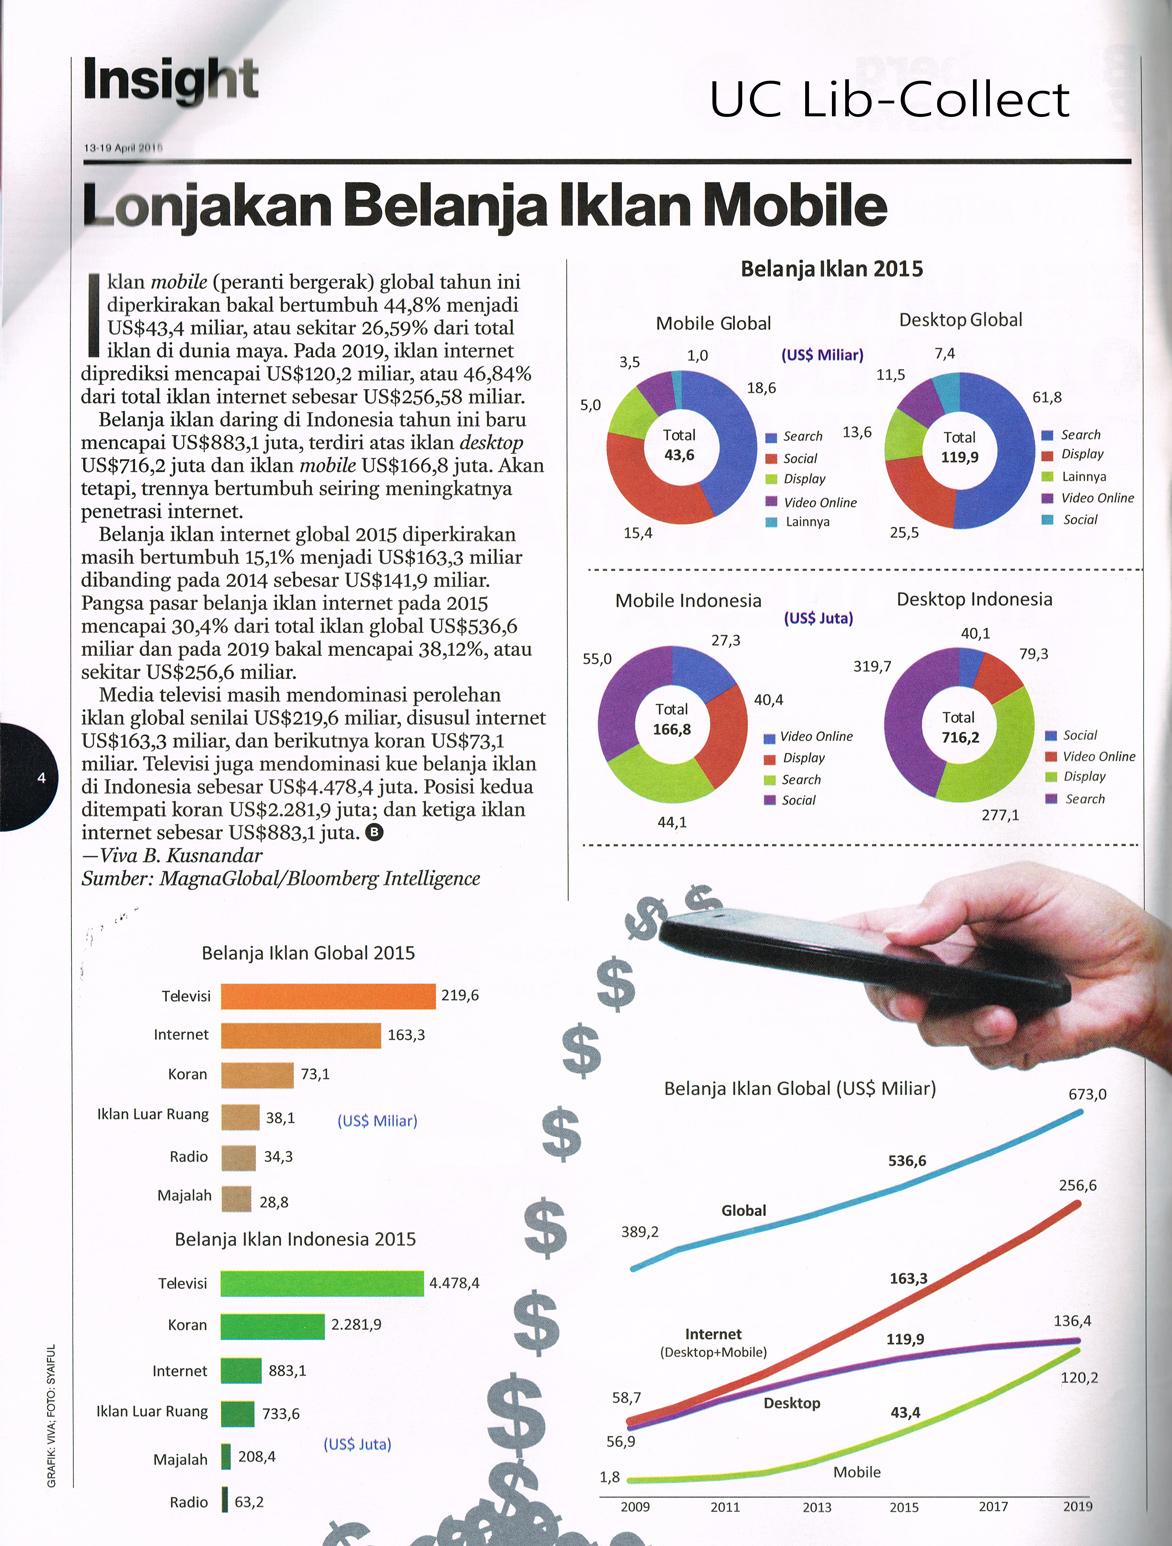 Lonjakan-Belanja-Iklan-Mobile.Bloomberg-Businessweek-eds-13-19-Apr.2015.pg-4